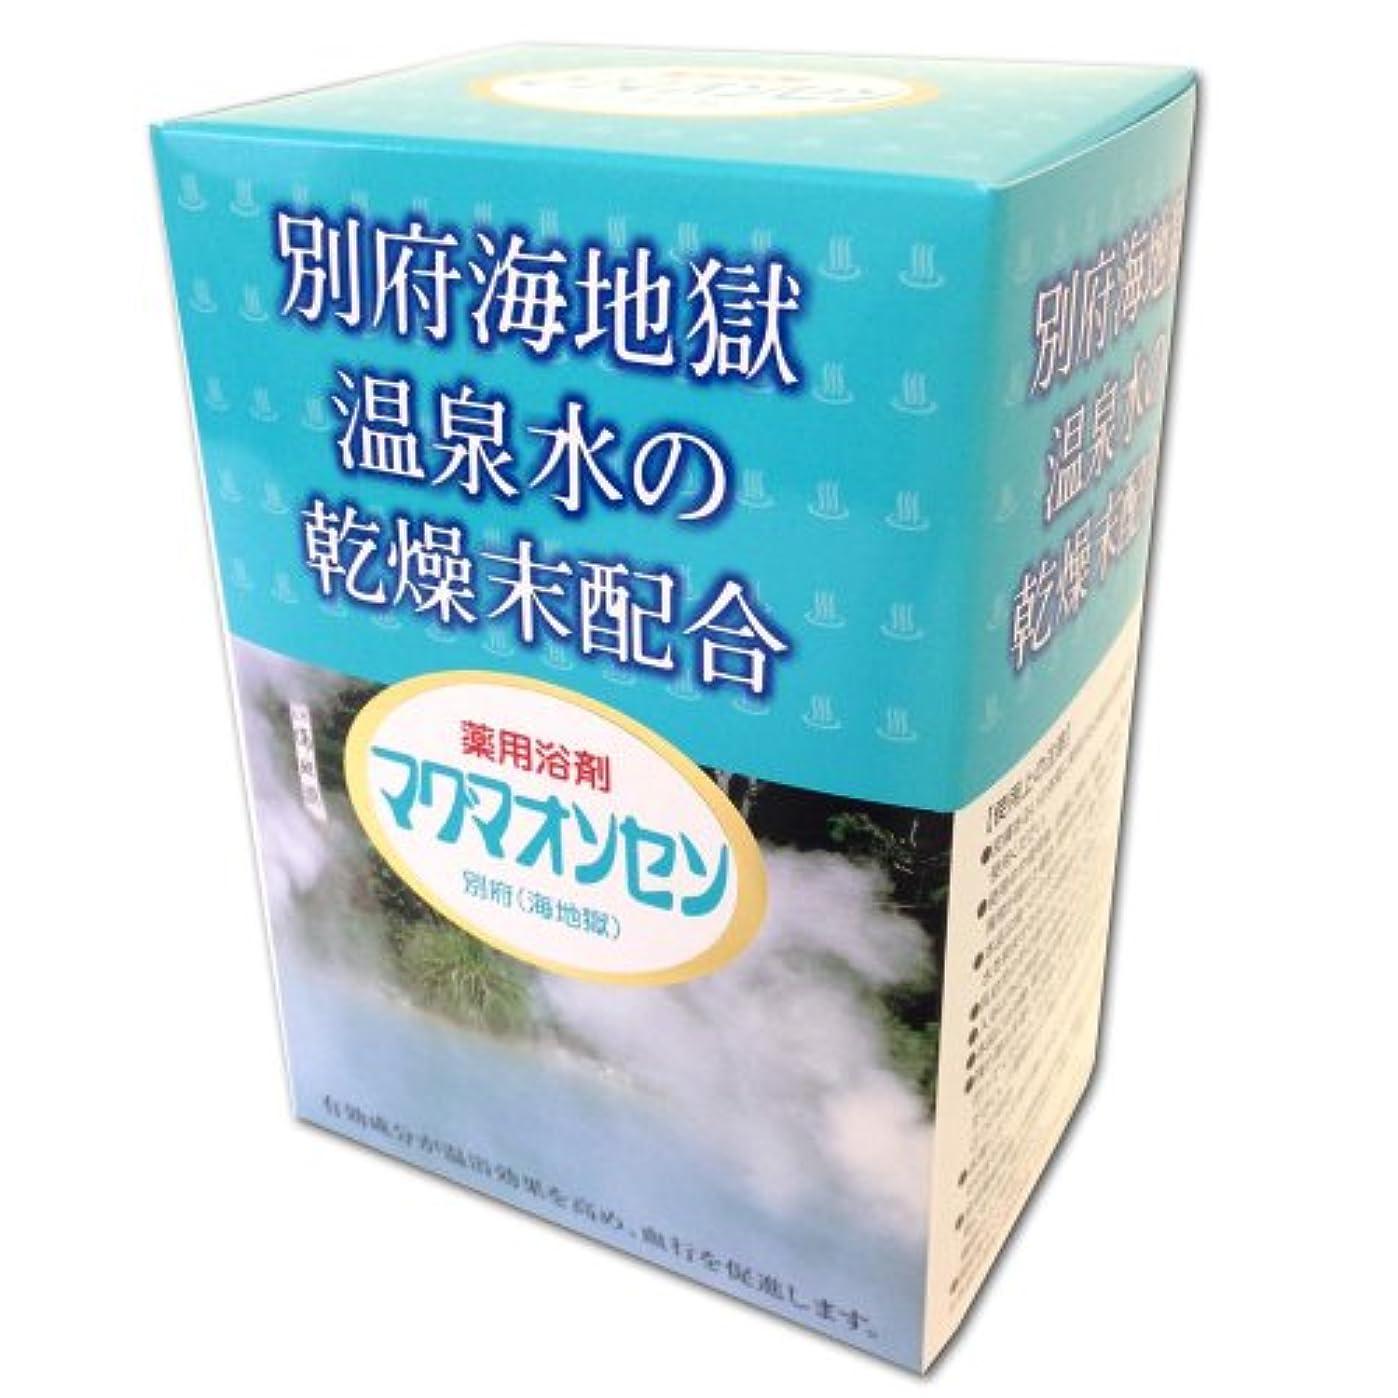 けん引グレードバルコニーマグマオンセン(海地獄) 15g×21包   日本薬品開発